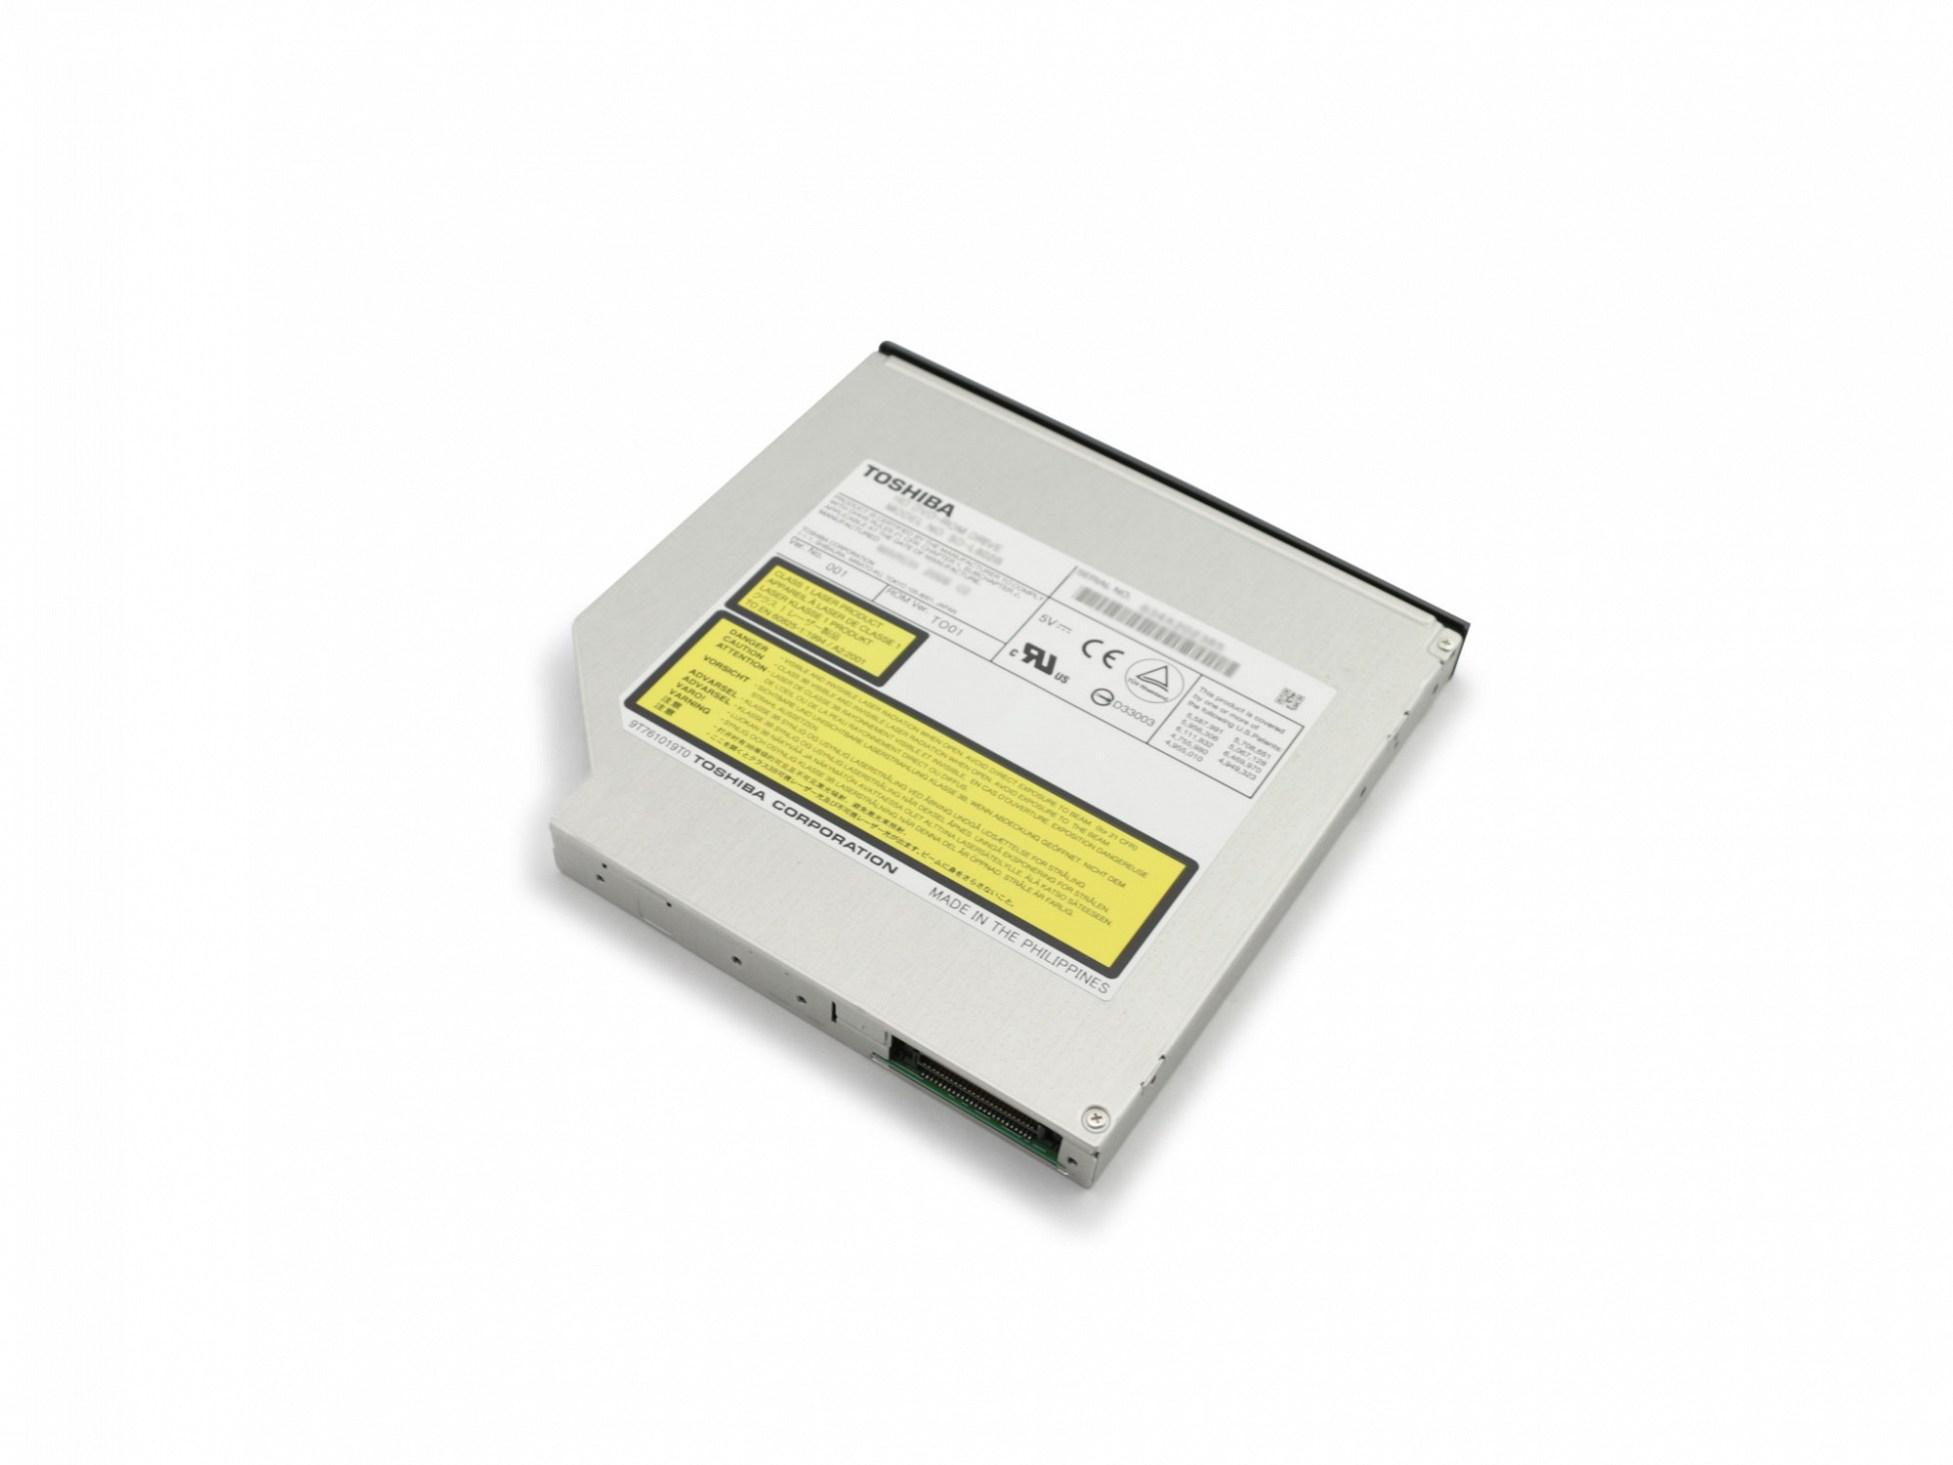 DVD Brenner - GBAS/PATA für Asus Z92M